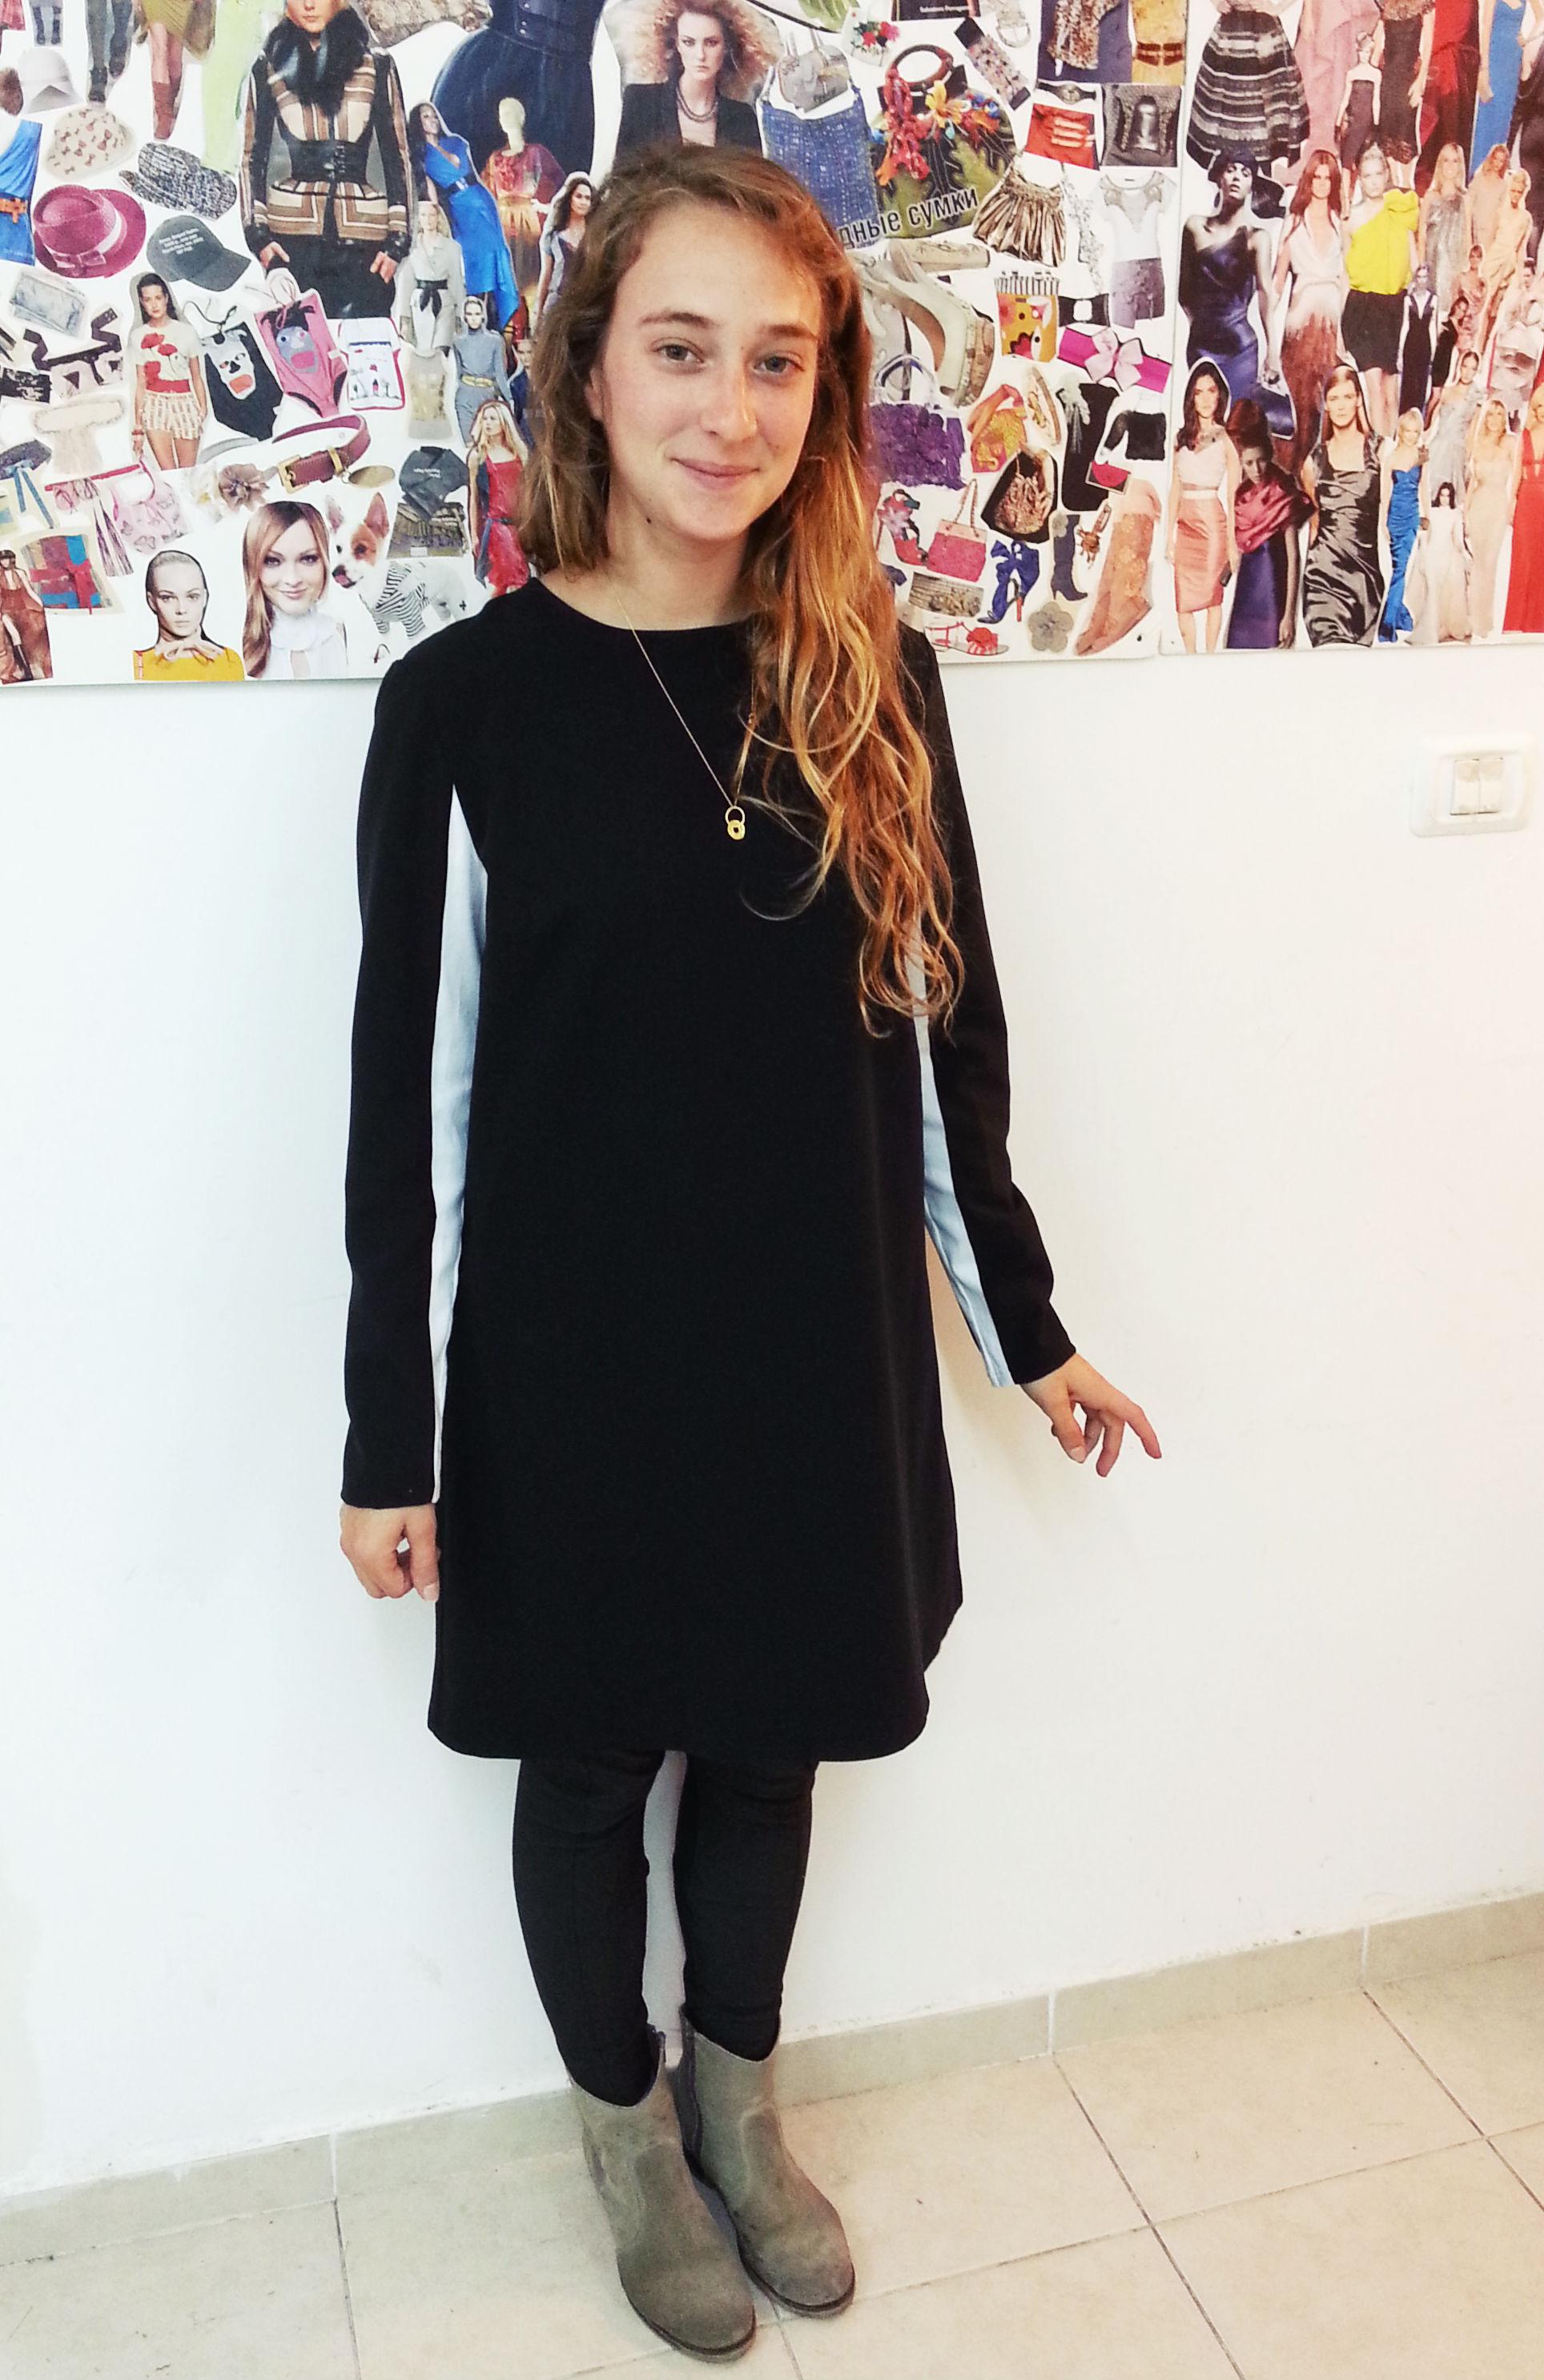 אילת בשמלה בעיצובה